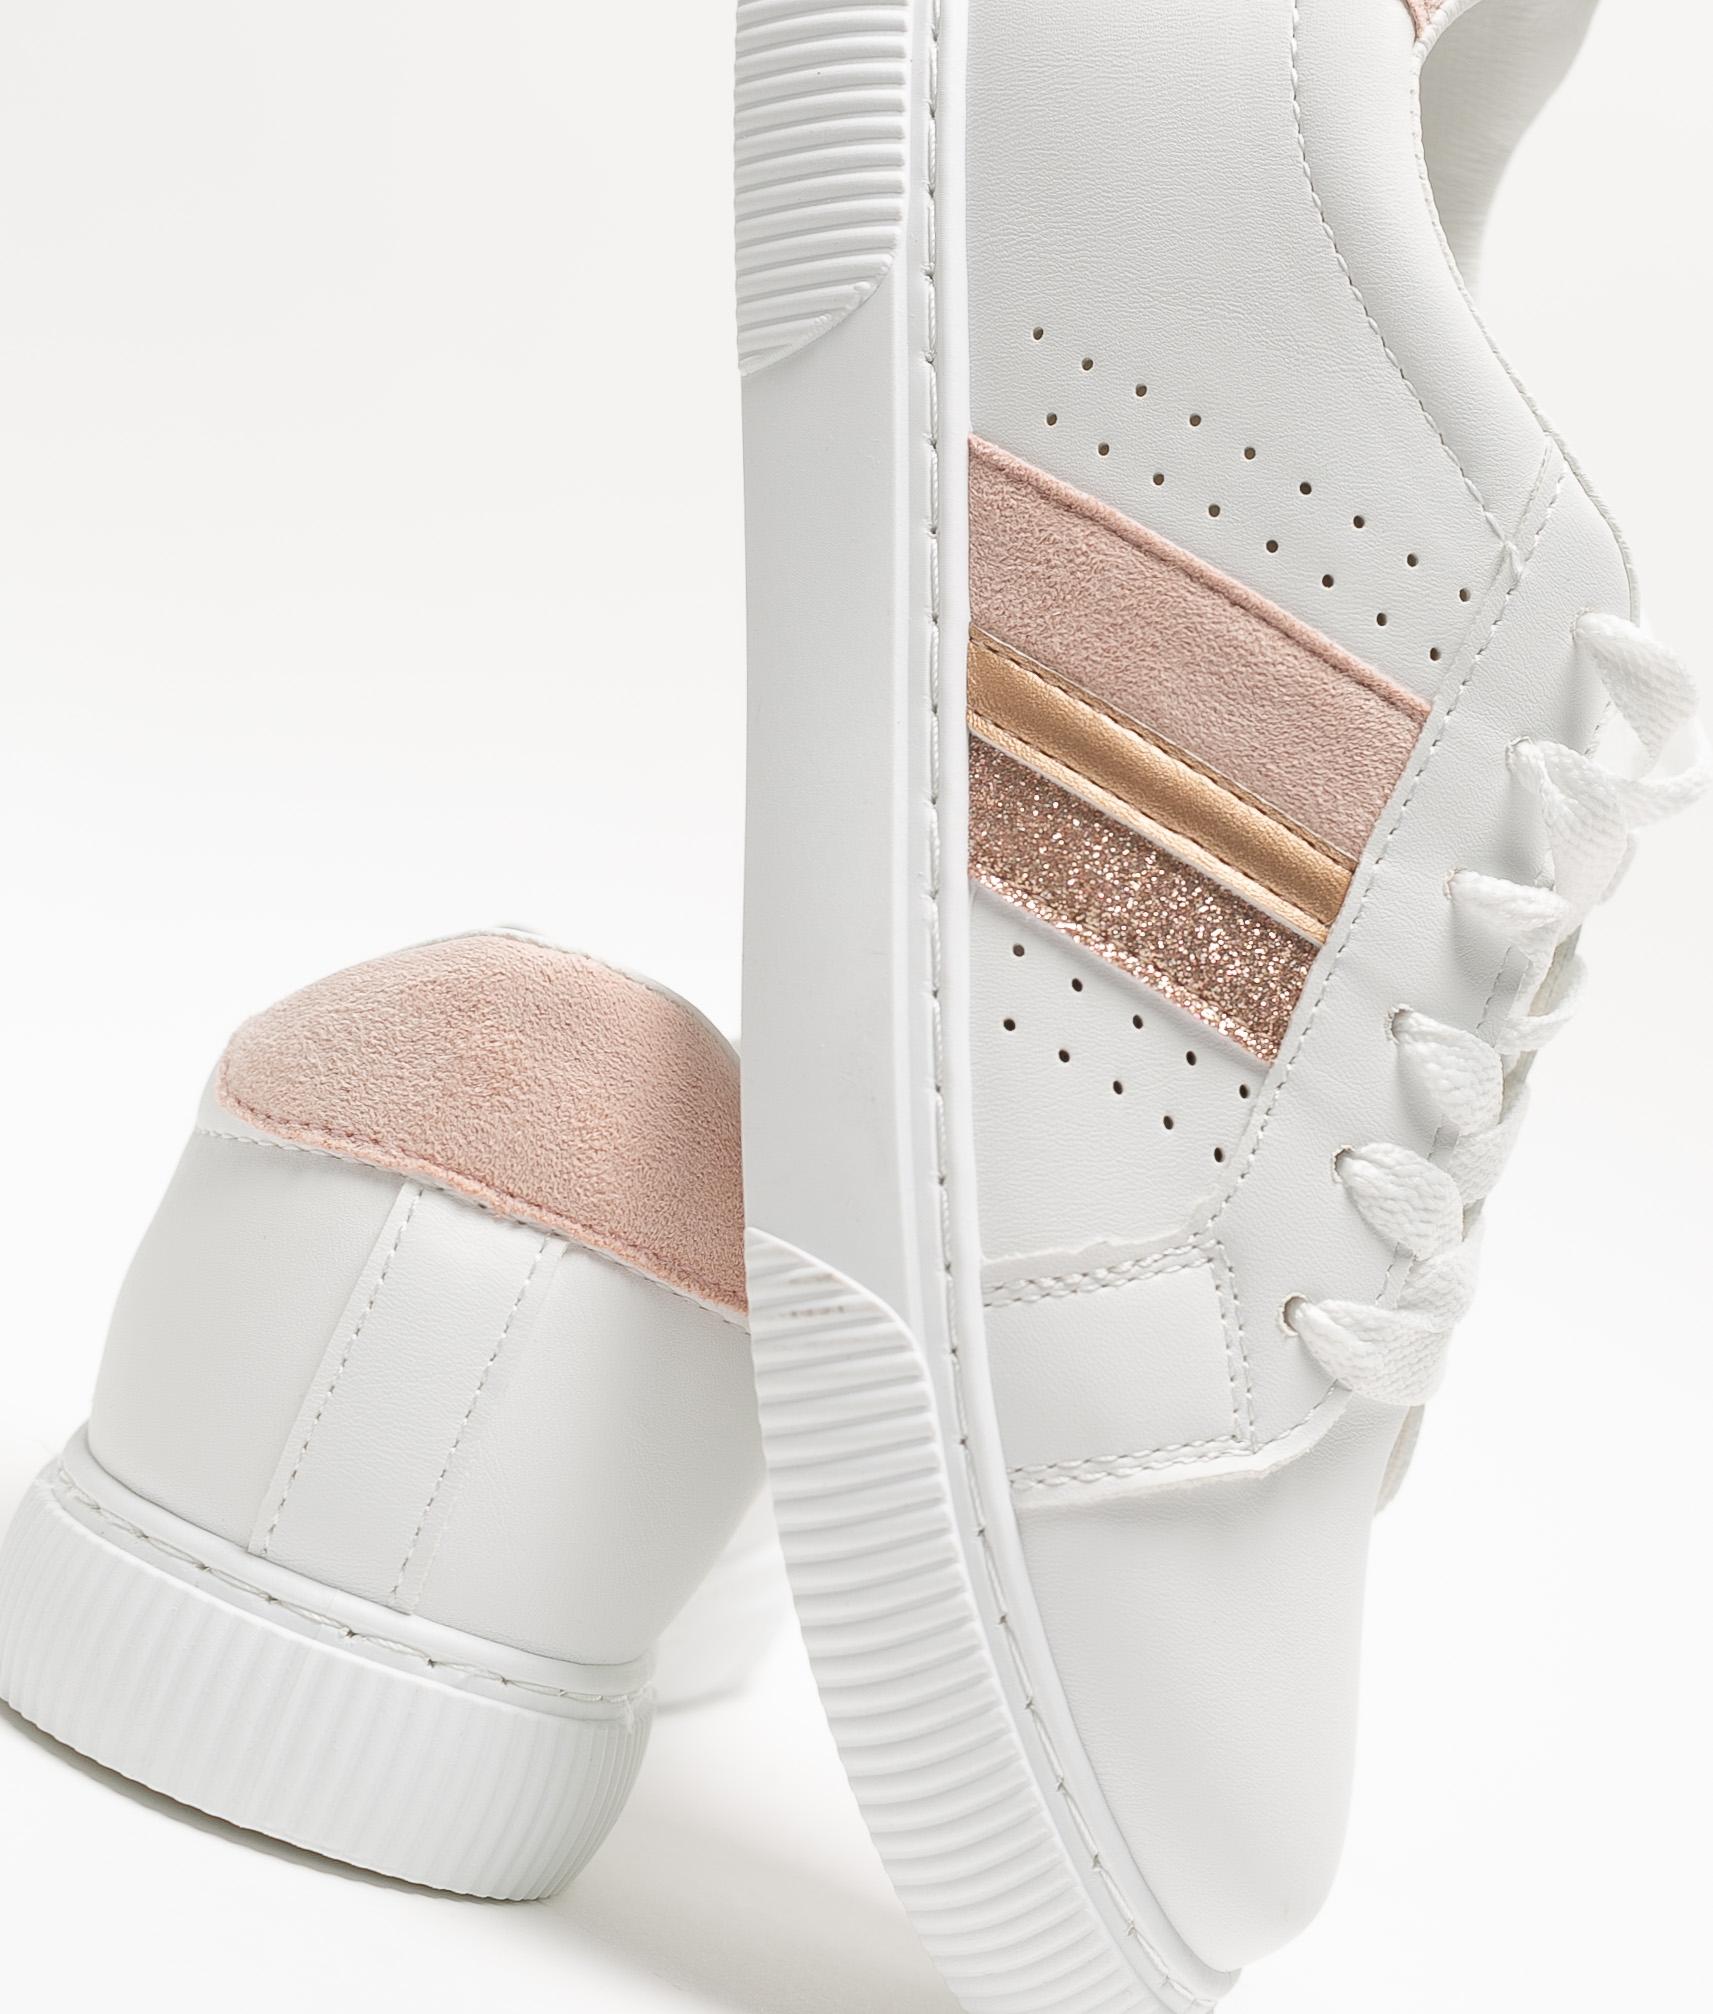 Sneakers PALTA - ROSA